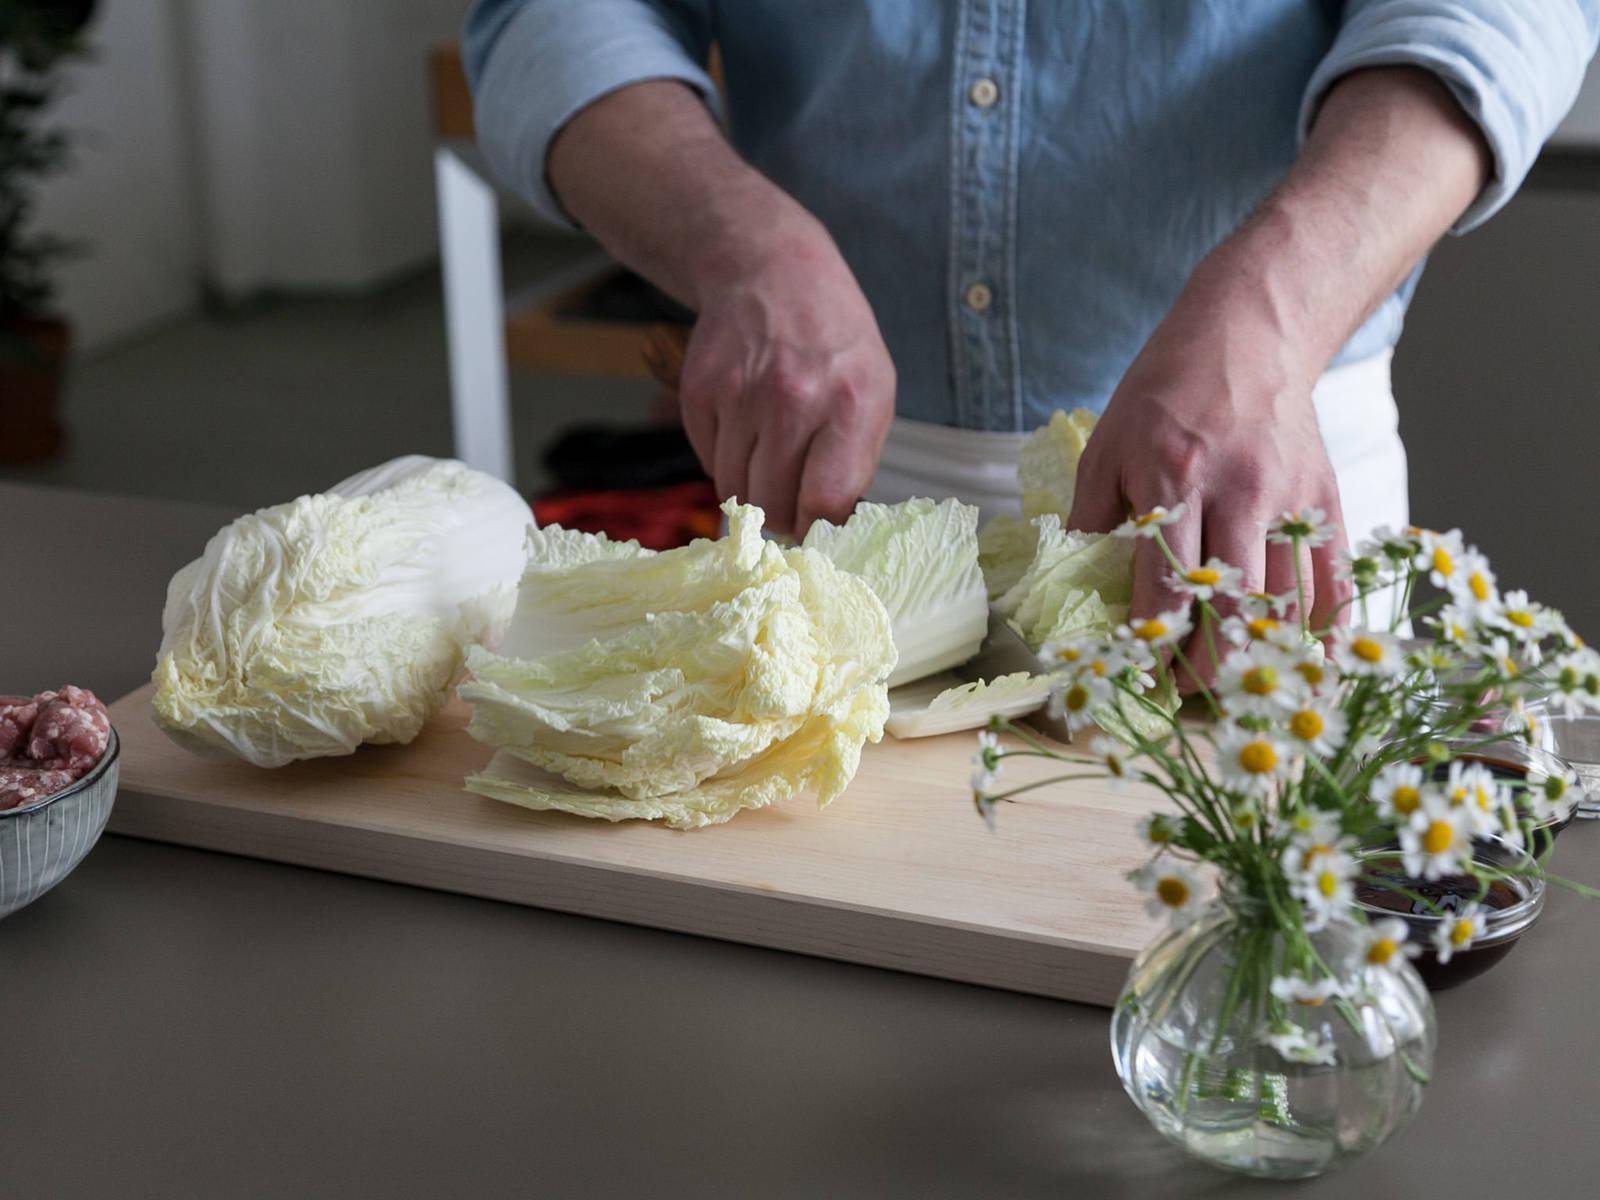 蒜剥皮剁碎,置于一旁。青葱切段后置于一旁。洗净大白菜,切去茎,掰掉外围的干叶片。根据需要的尺寸,掰出整片的叶片用于做卷。将白菜芯剁碎。